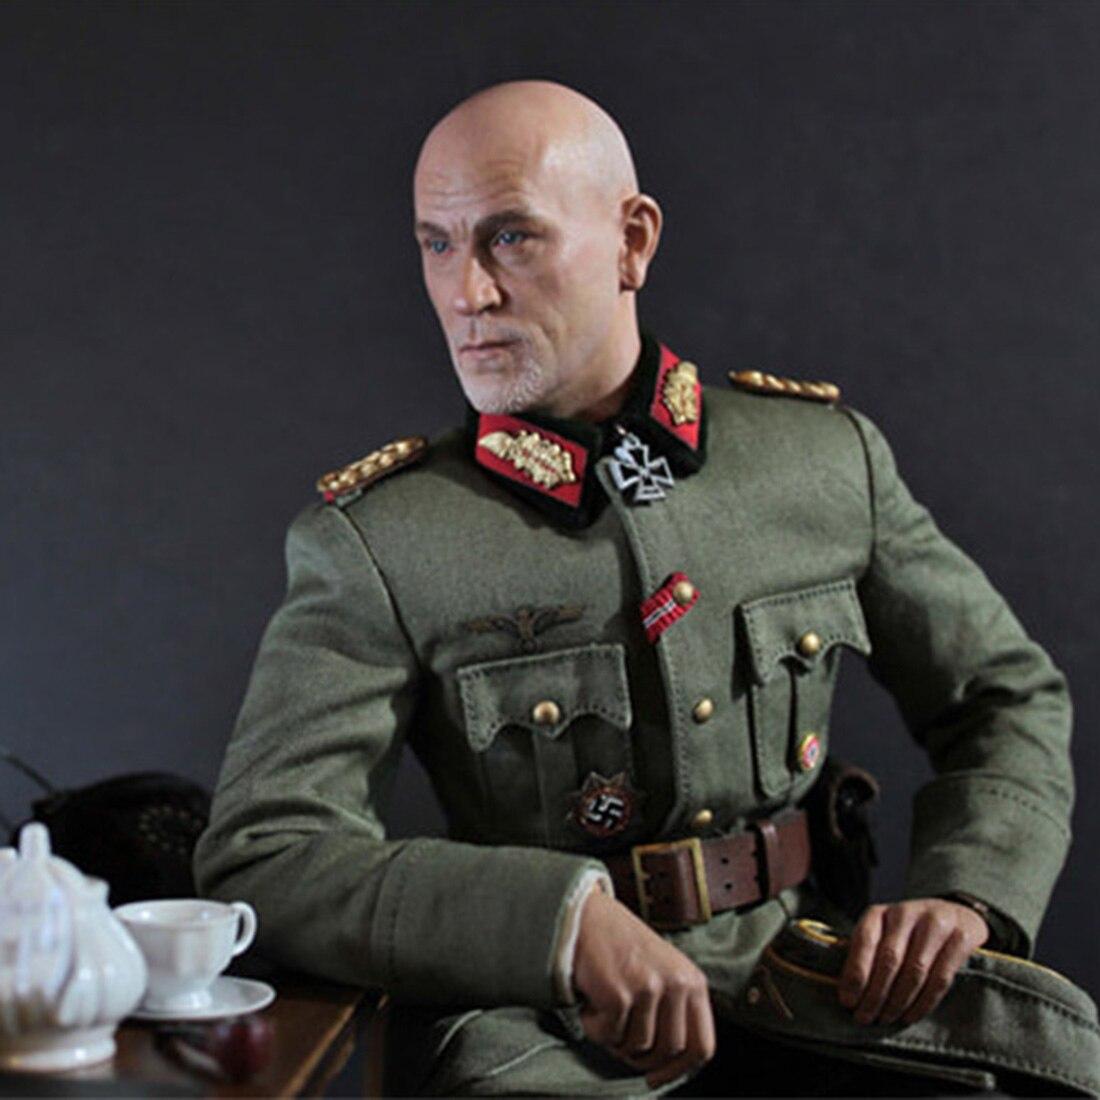 30cm 1/6 군인 모델 현실적인 headsculpt diy 수제 그림 모델 남자 선물 독일 필드 전화 스위치 보드 장면-에서액션 & 장난감 숫자부터 완구 & 취미 의  그룹 2